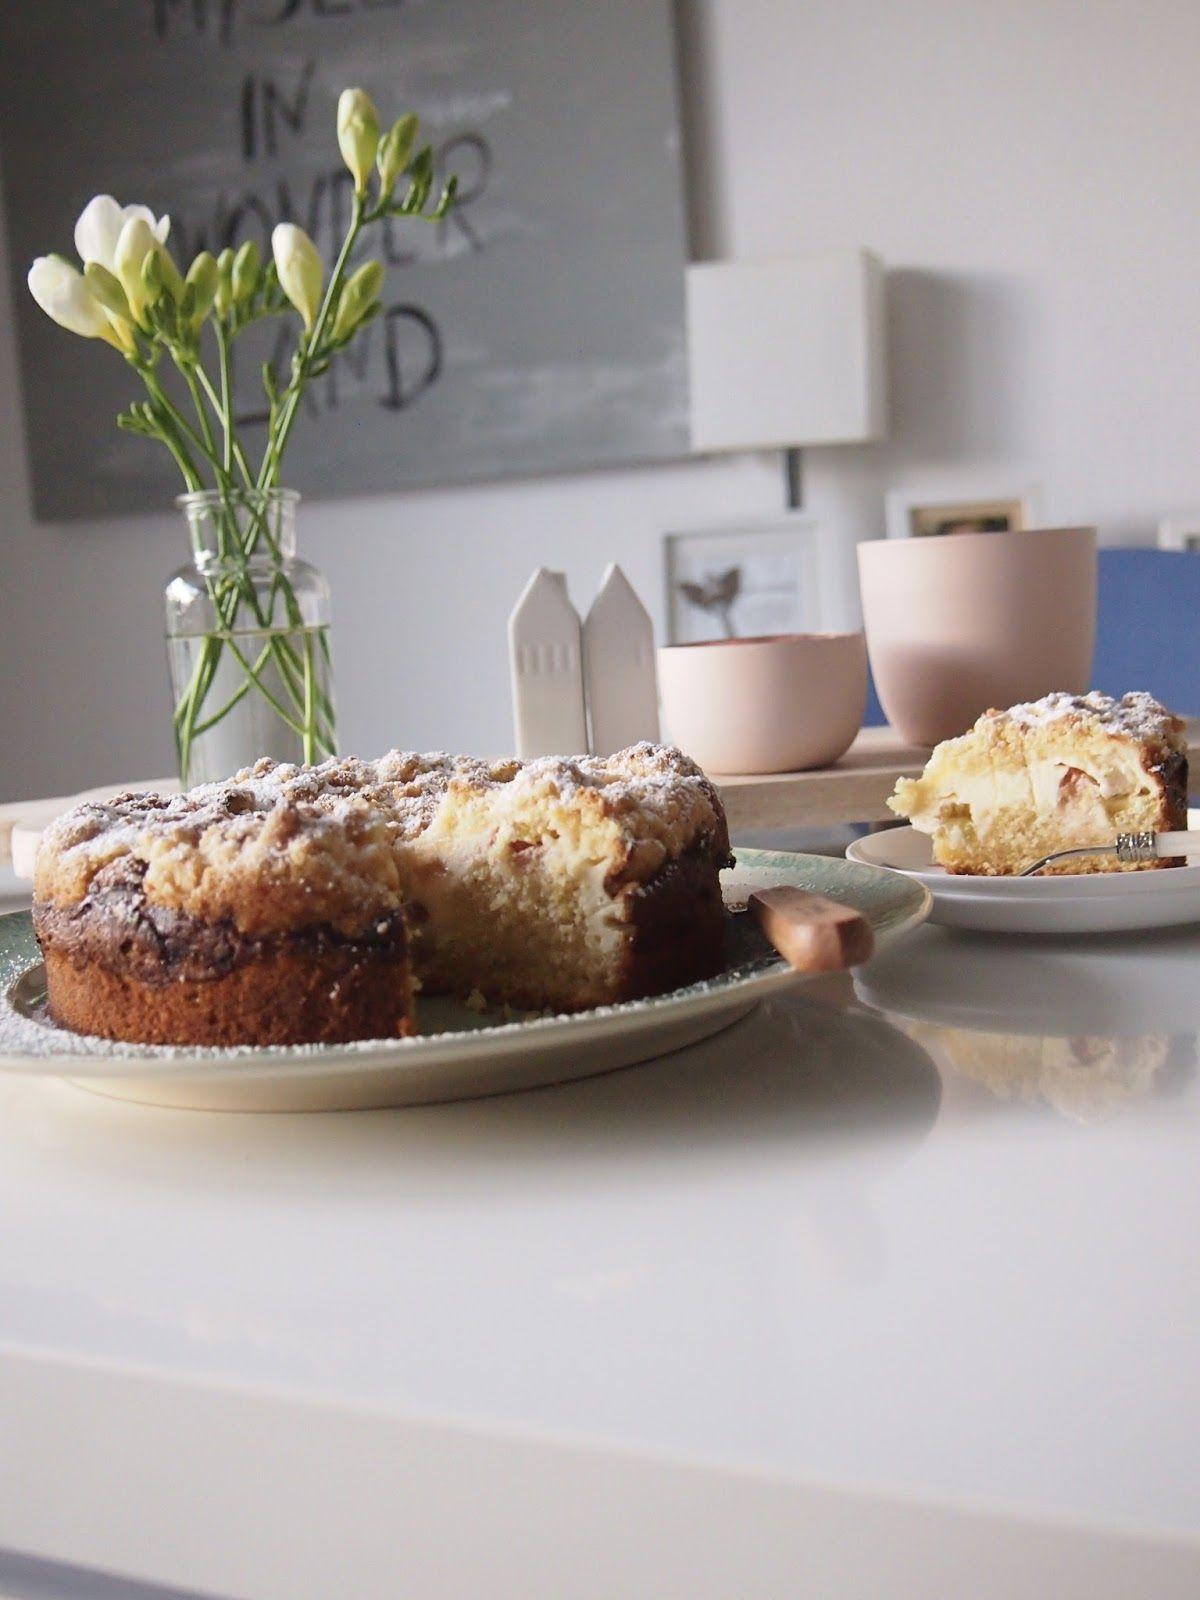 dieZuckerbäckerei: Rhabarber-Quark-Kuchen mit dicken Streuseln